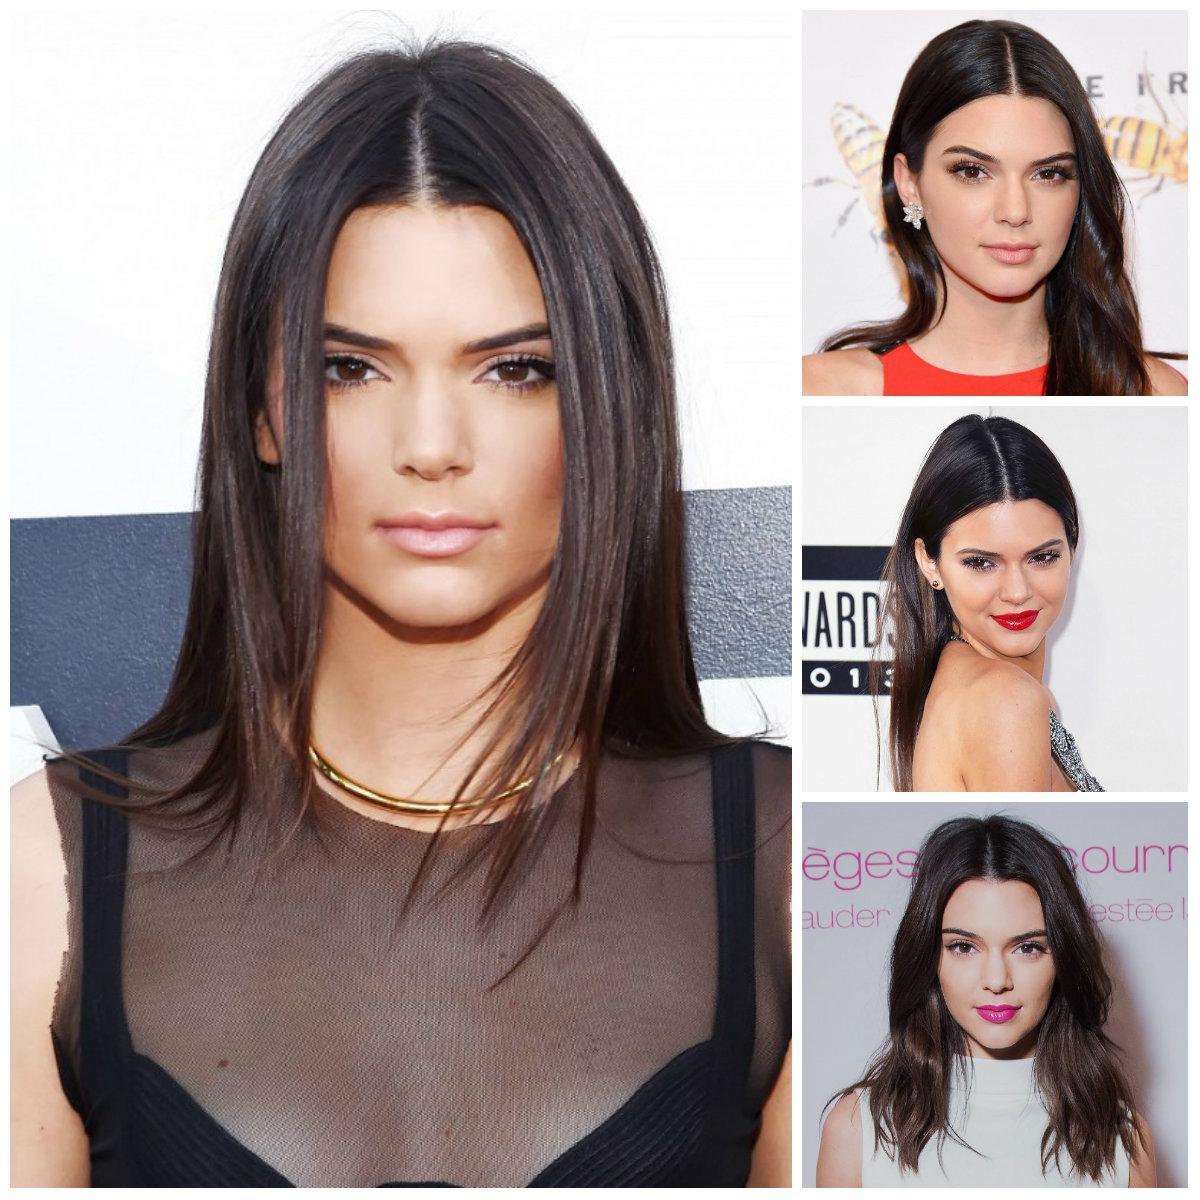 Center-Parted Frisuren von Kendall Jenner